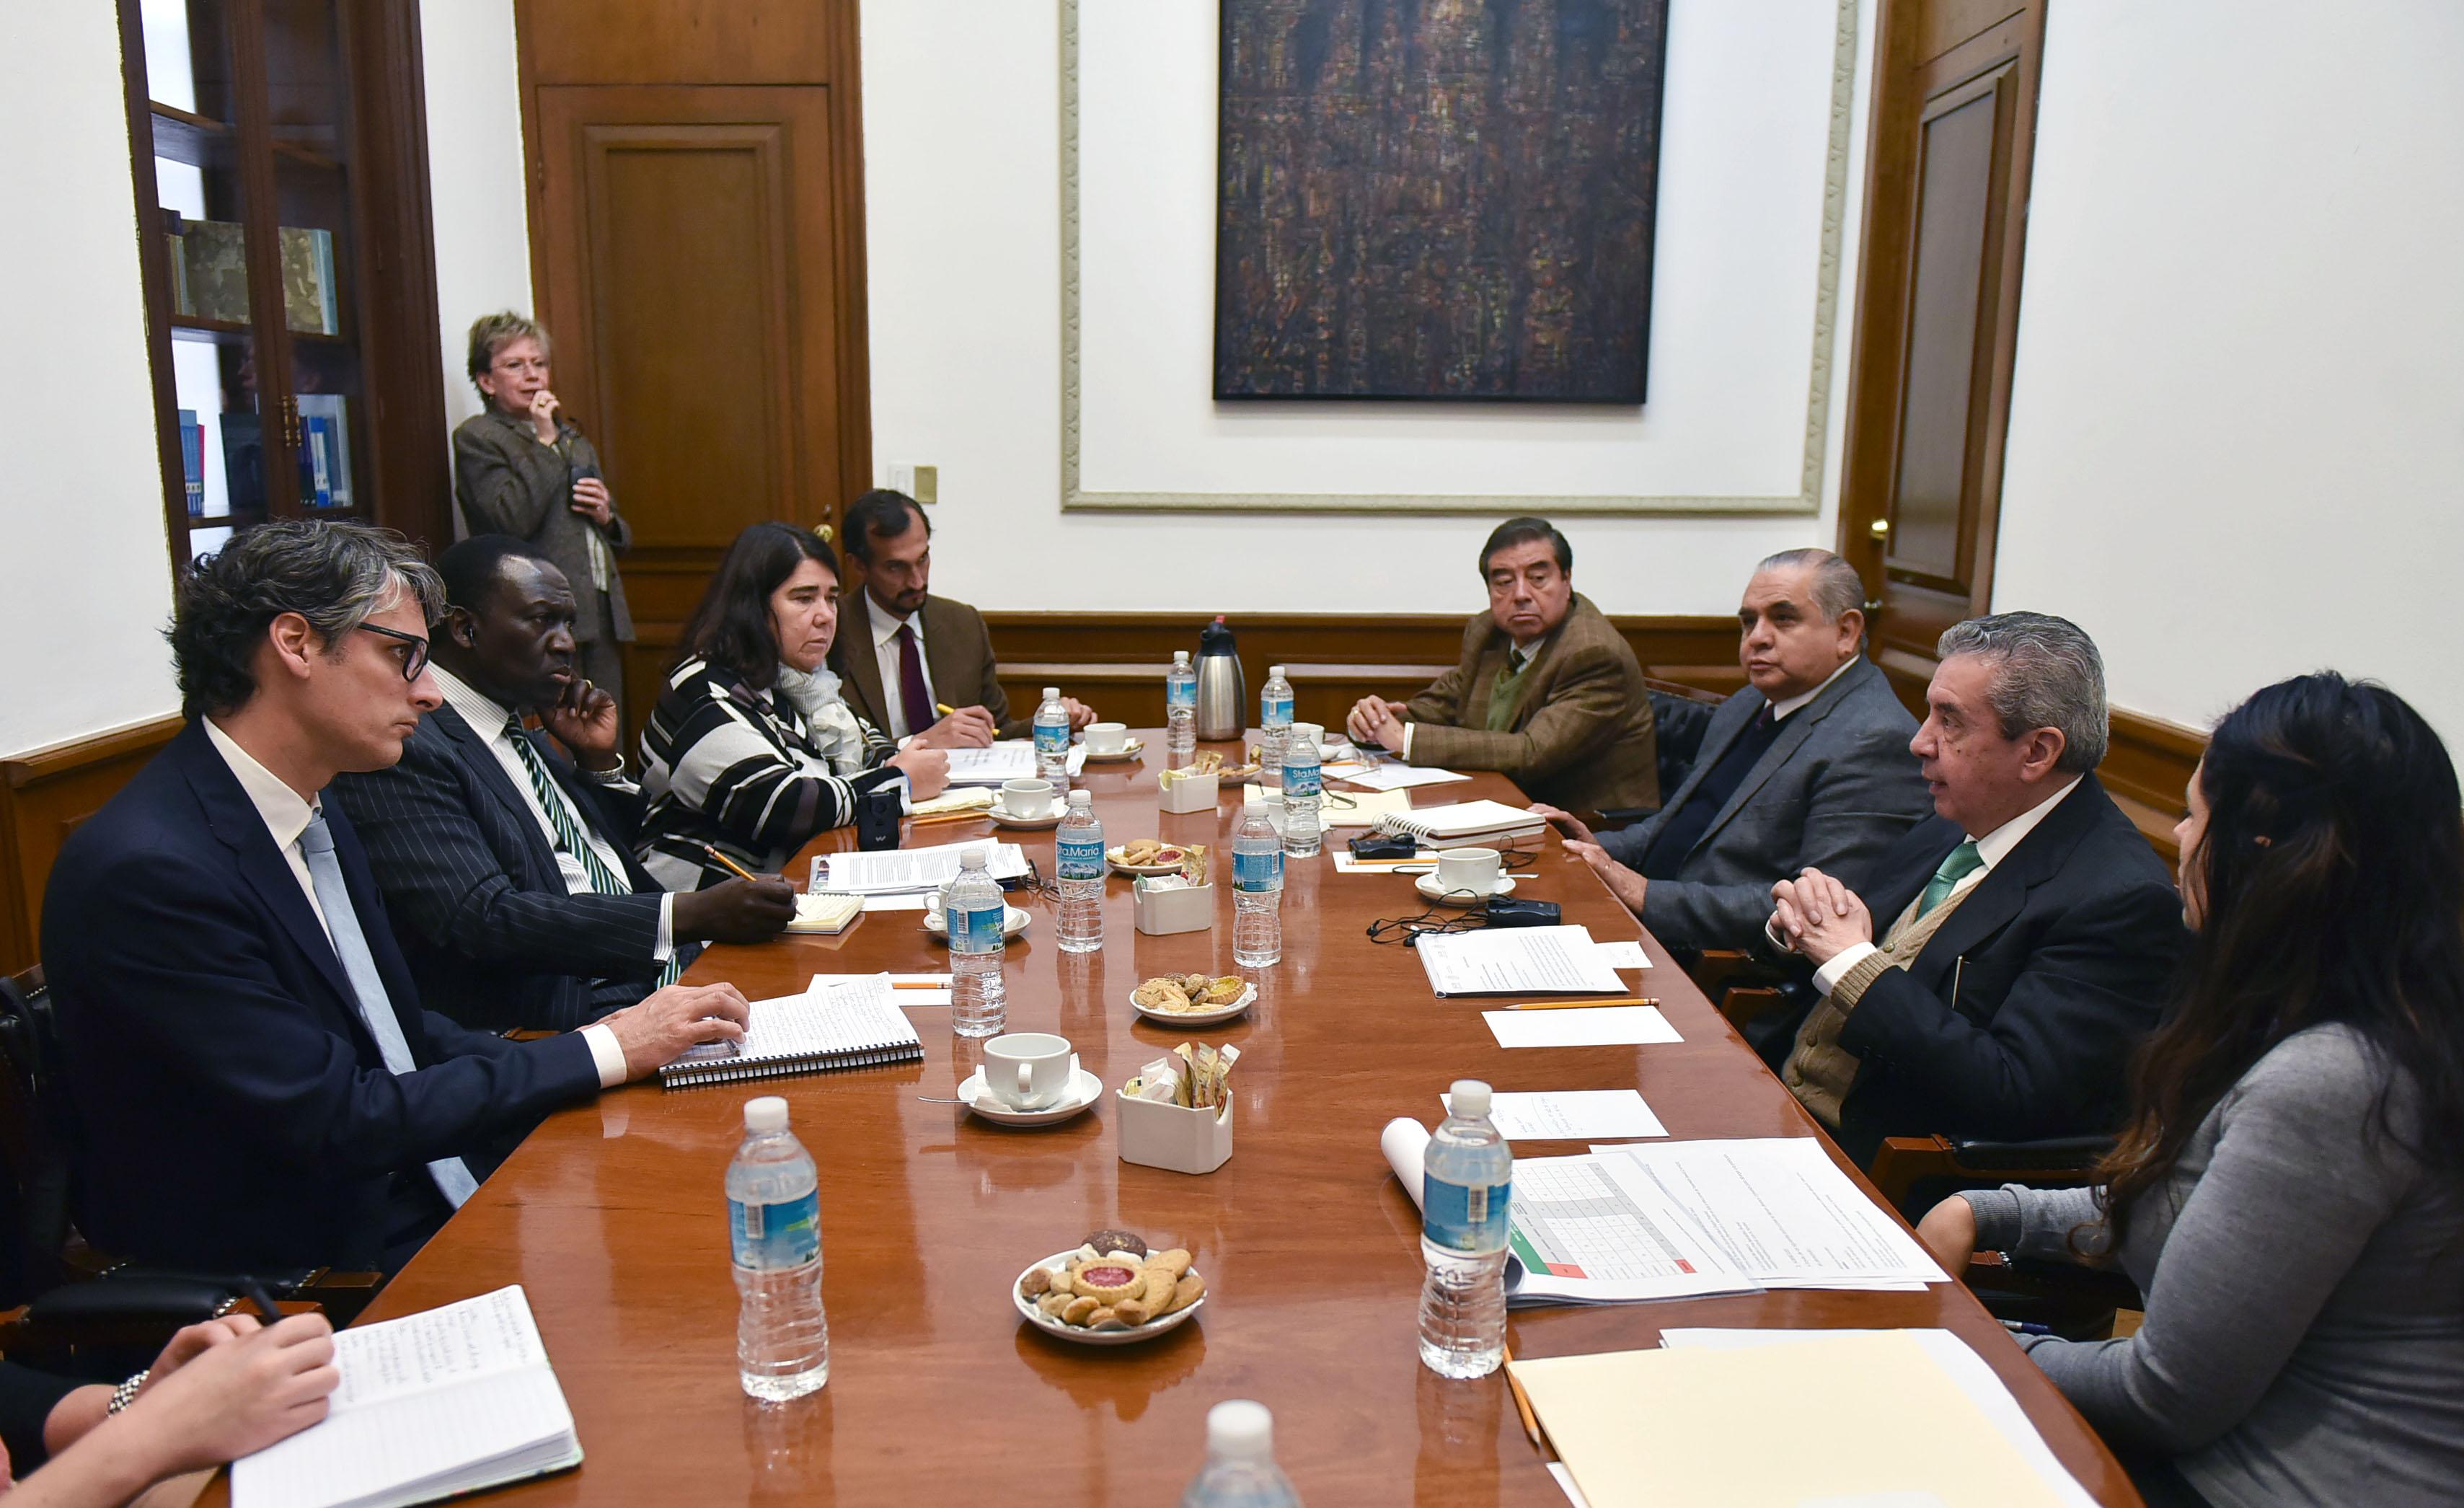 El Subsecretario de Población, Migración y Asuntos Religiosos, Humberto Roque Villanueva, se reunió con el Alto Comisionado Adjunto de Naciones Unidas para los Refugiados (ACNUR), George Okoth-Obbo.